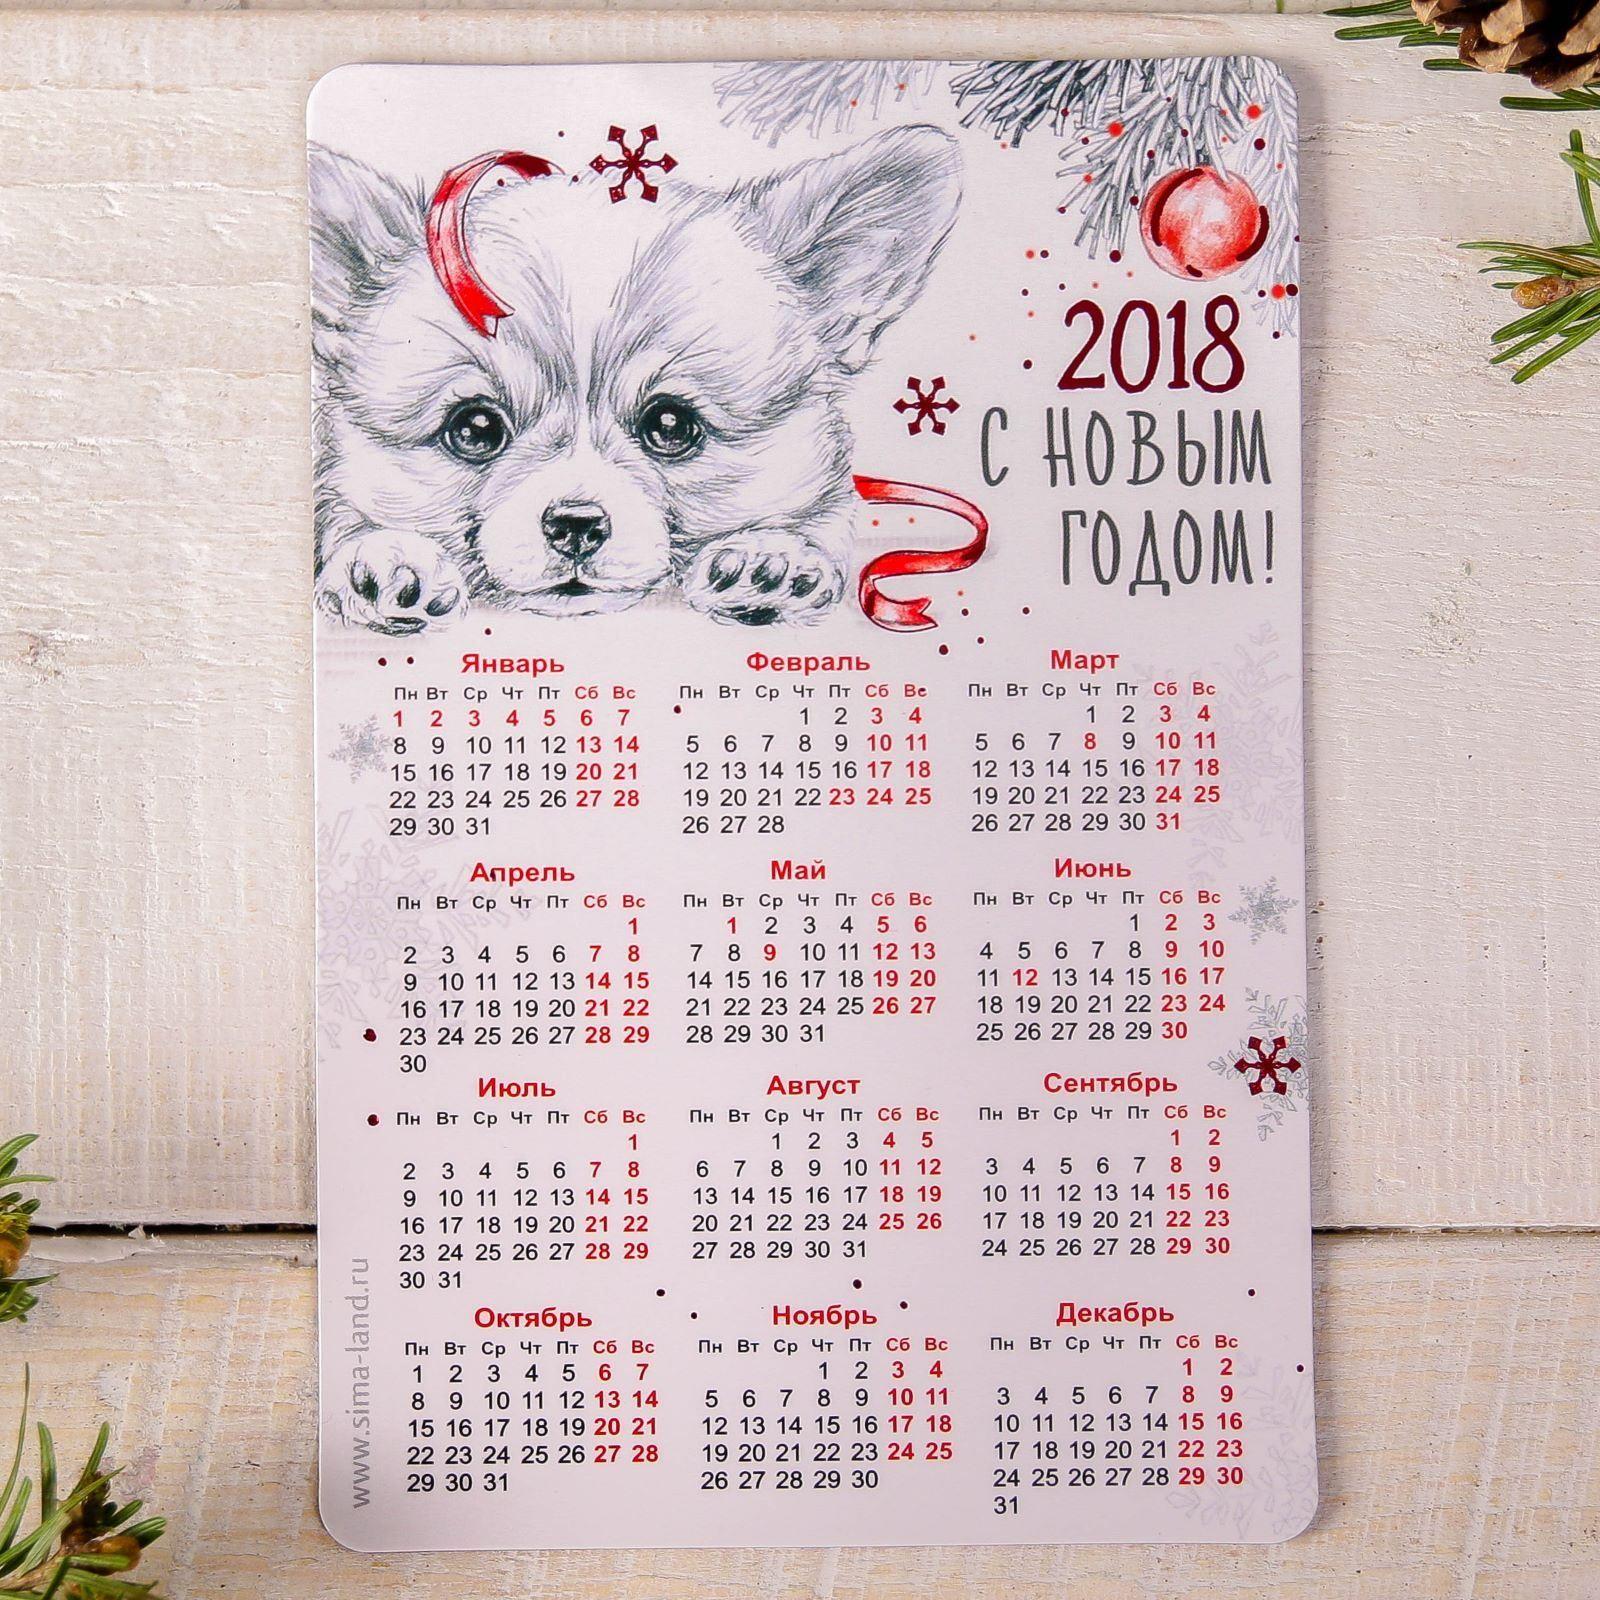 Магнит Sima-land С Новым годом, с календарем, 8 х 12 см1894072Порадуйте родных и близких оригинальным сувениром: преподнесите в подарок магнит. С ним даже самый серьёзный человек почувствует себя ребёнком, ожидающим чудо! Создайте праздничное настроение, и оно останется с вами на весь год.